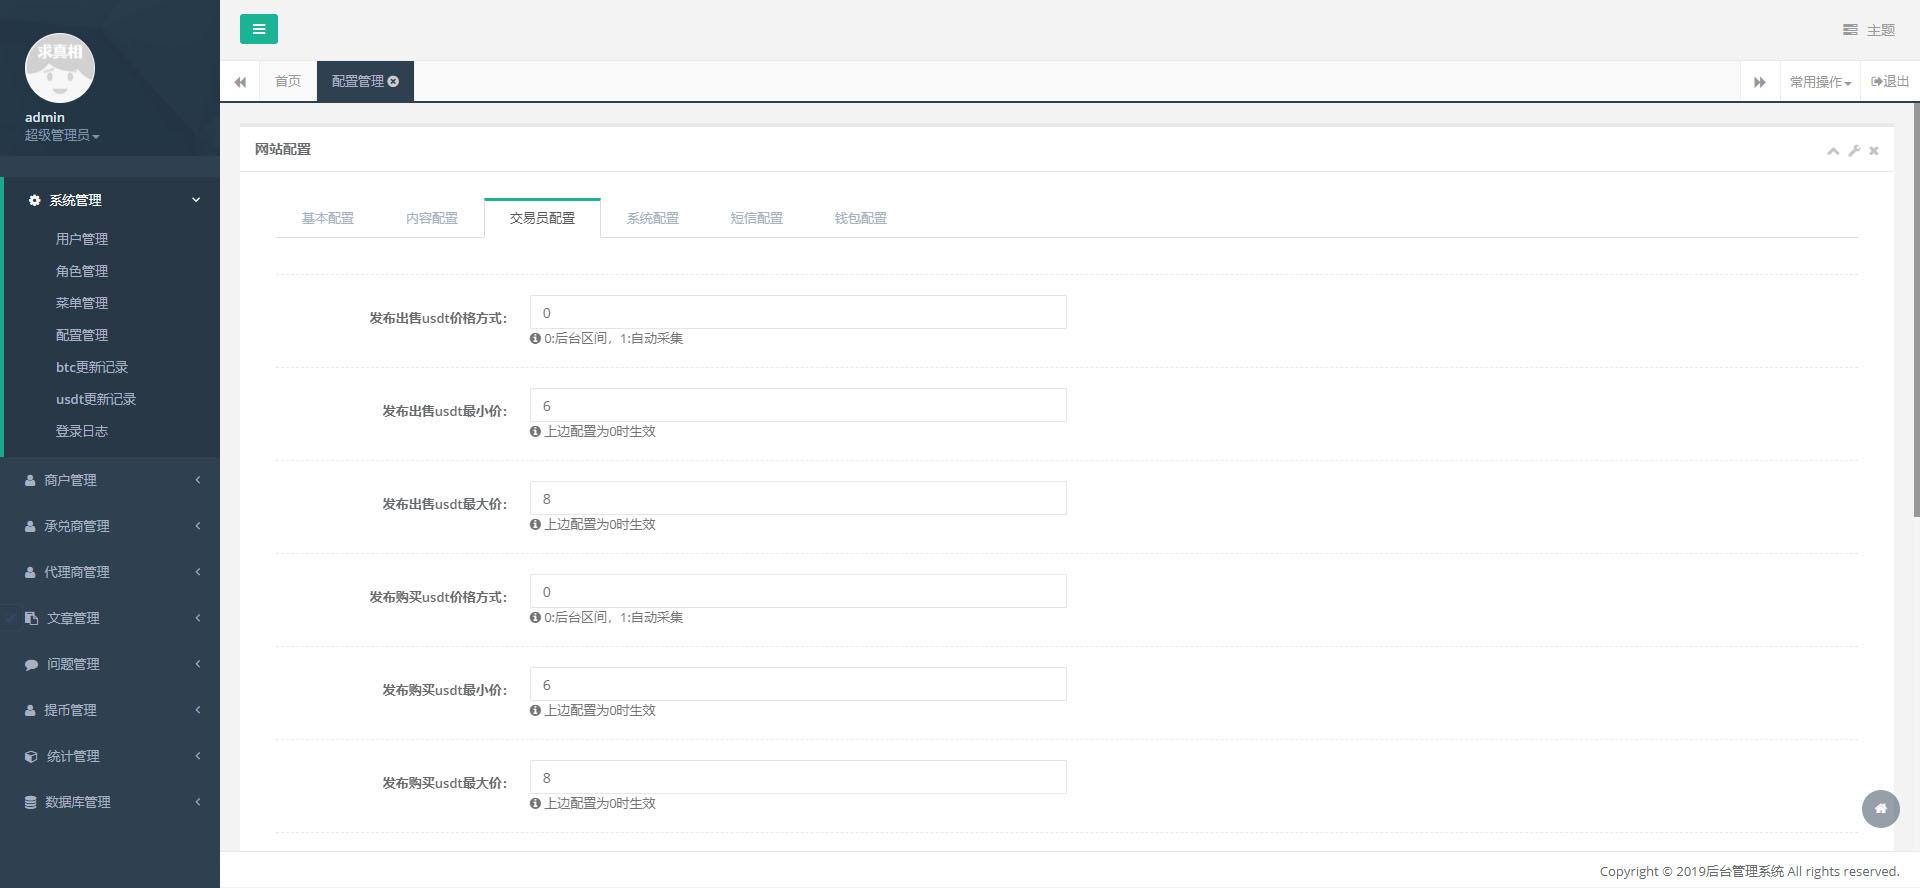 「亲测」星火支付源码/USDT承兑系统/支持ERC20 OMNI/代理商/USDT场外OTC/数字货币-图4